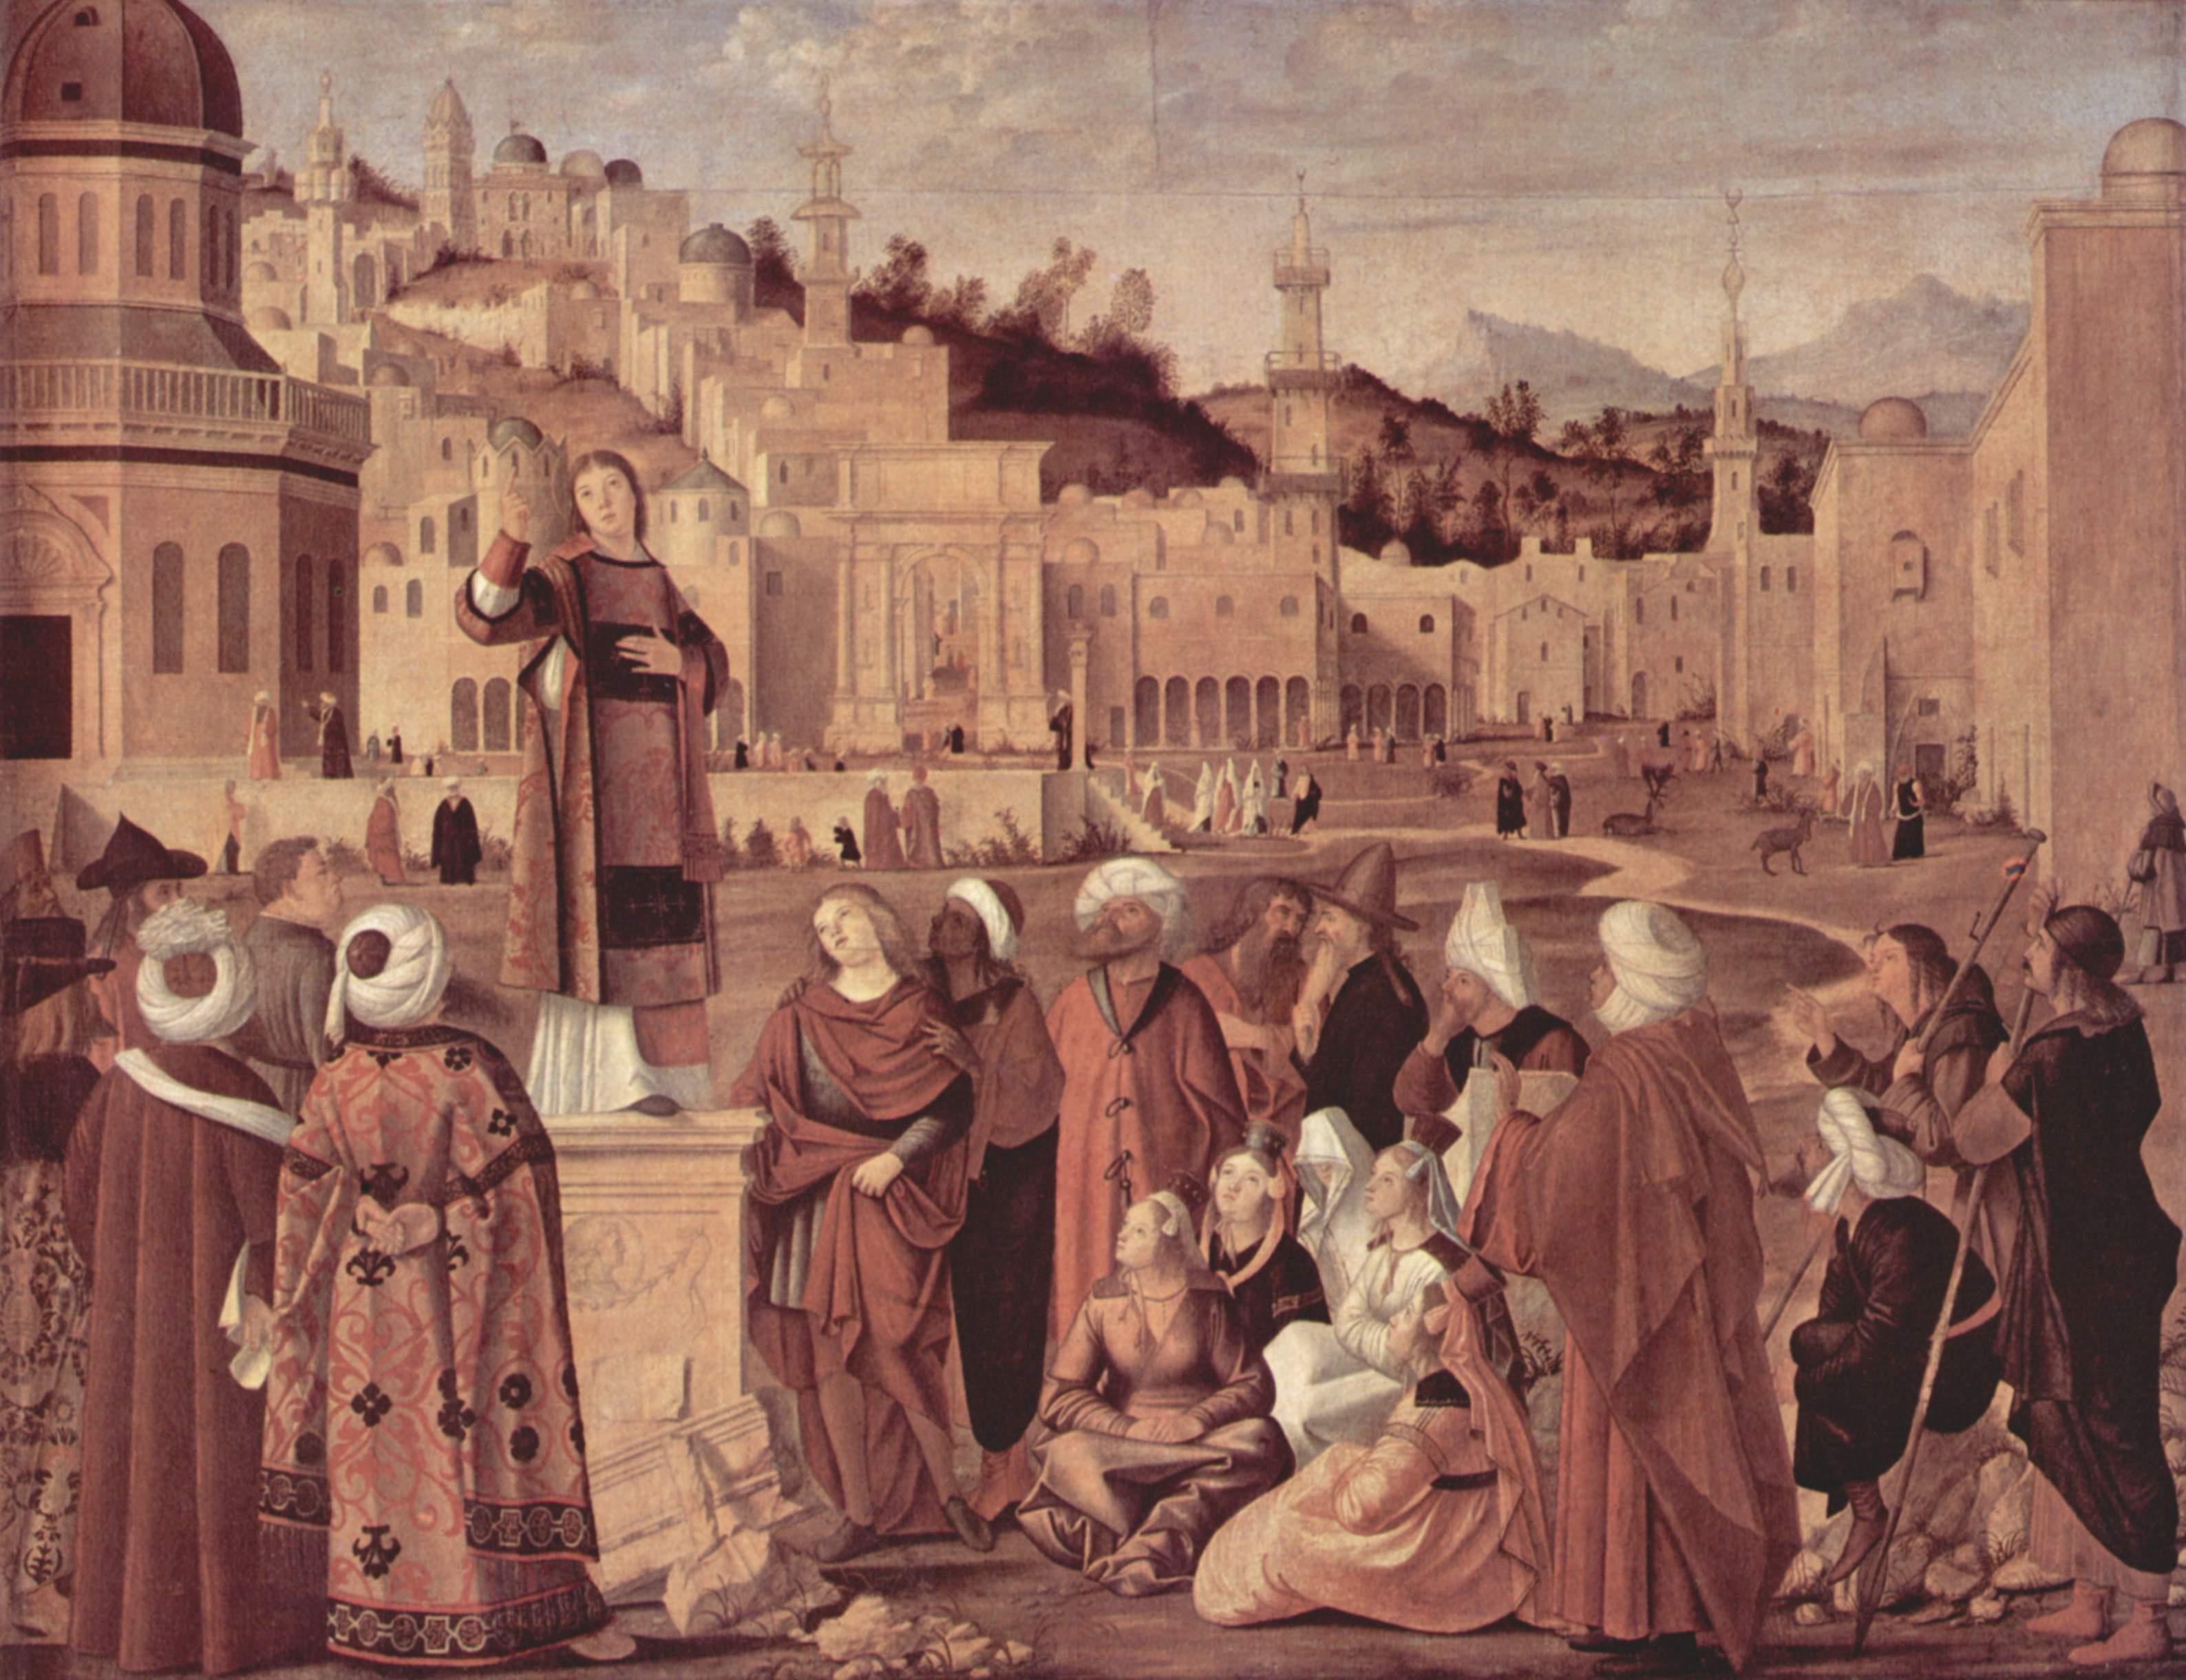 Цикл картин к житию св. Стефана, проповедь св. Стефана перед воротами Иерусалима, Витторе Карпаччо